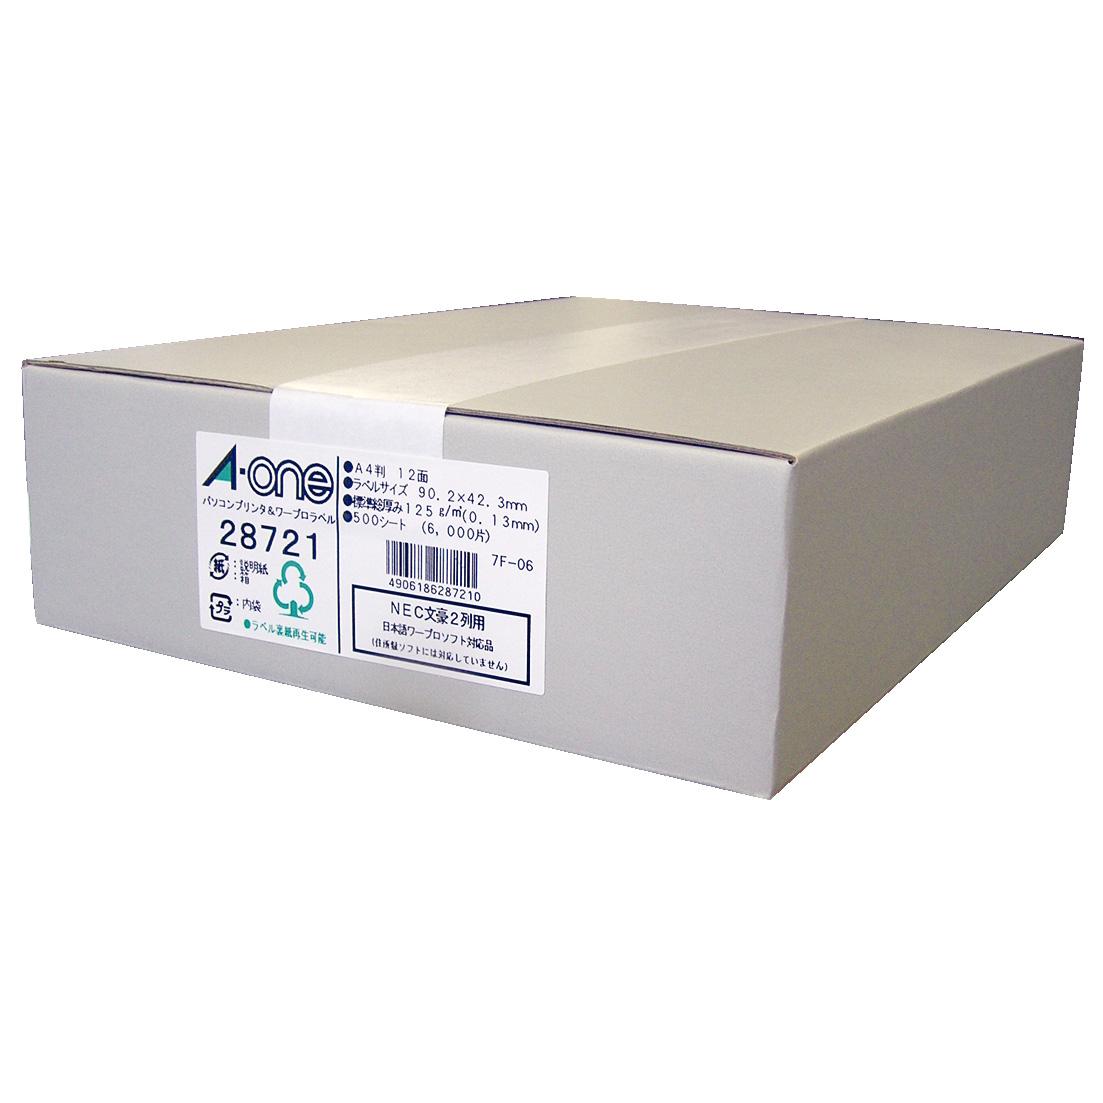 エーワン(A-One) 28721 パソコンプリンタ&ワープロ ラベルシール(プリンタ兼用) NEC文豪シリーズ 2列用 マット紙 12面 500シート(6,000片)入り 1 箱